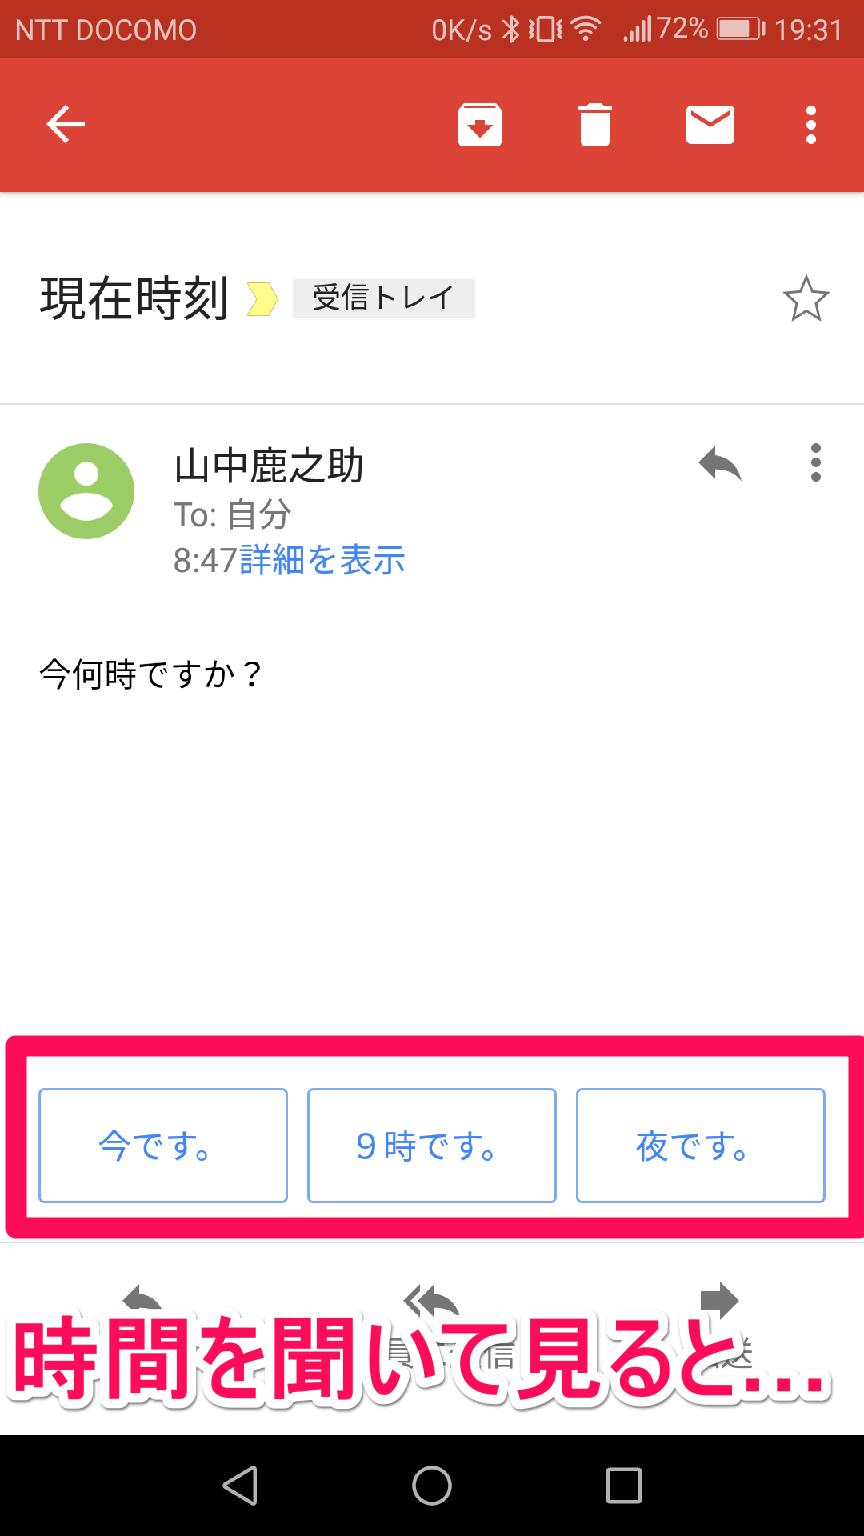 Gmail(ジーメール)のSmart Reply(スマートリプライ)で時間を聞いてみた画面